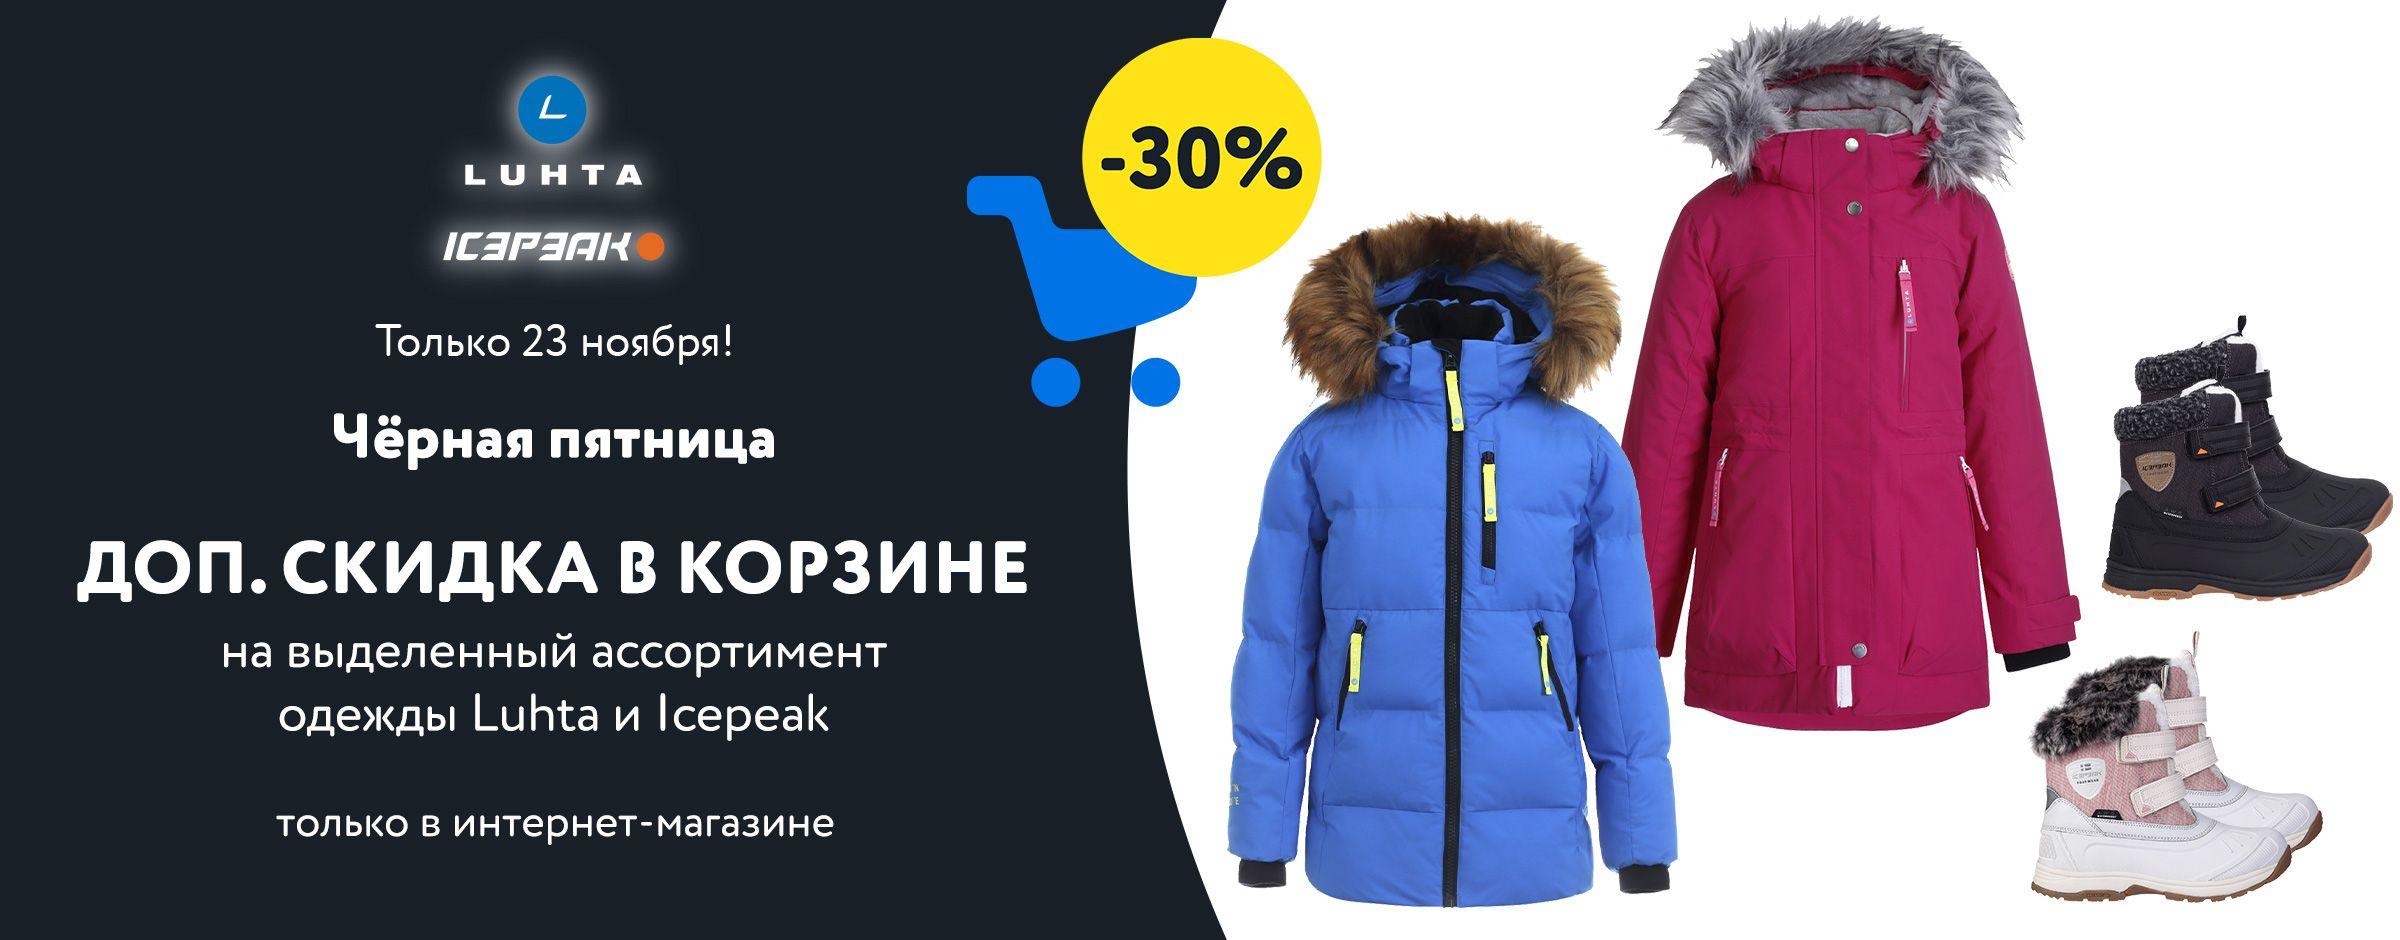 Доп.с кидка 30% на Luhta и Icepeak в корзине